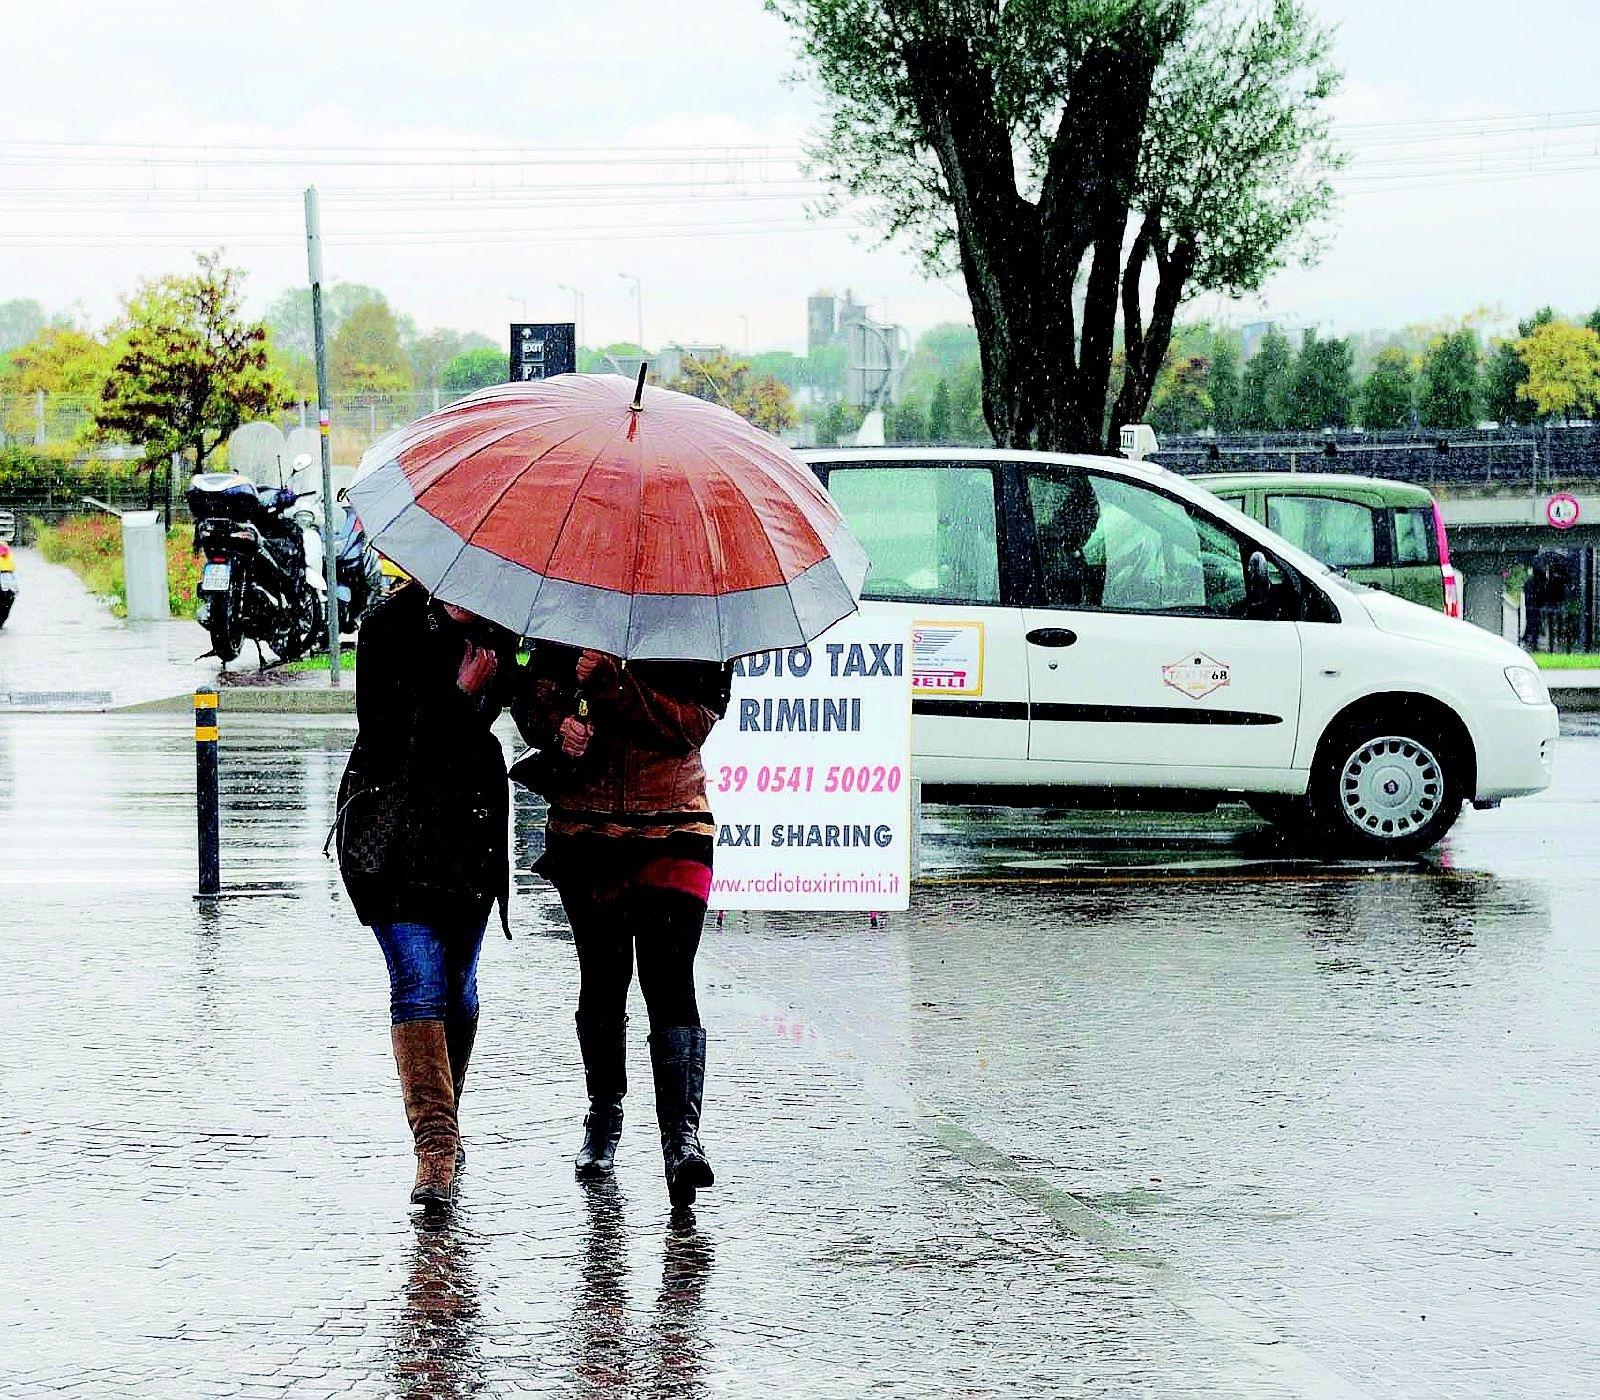 Allerta meteo a Ravenna per criticità idraulica